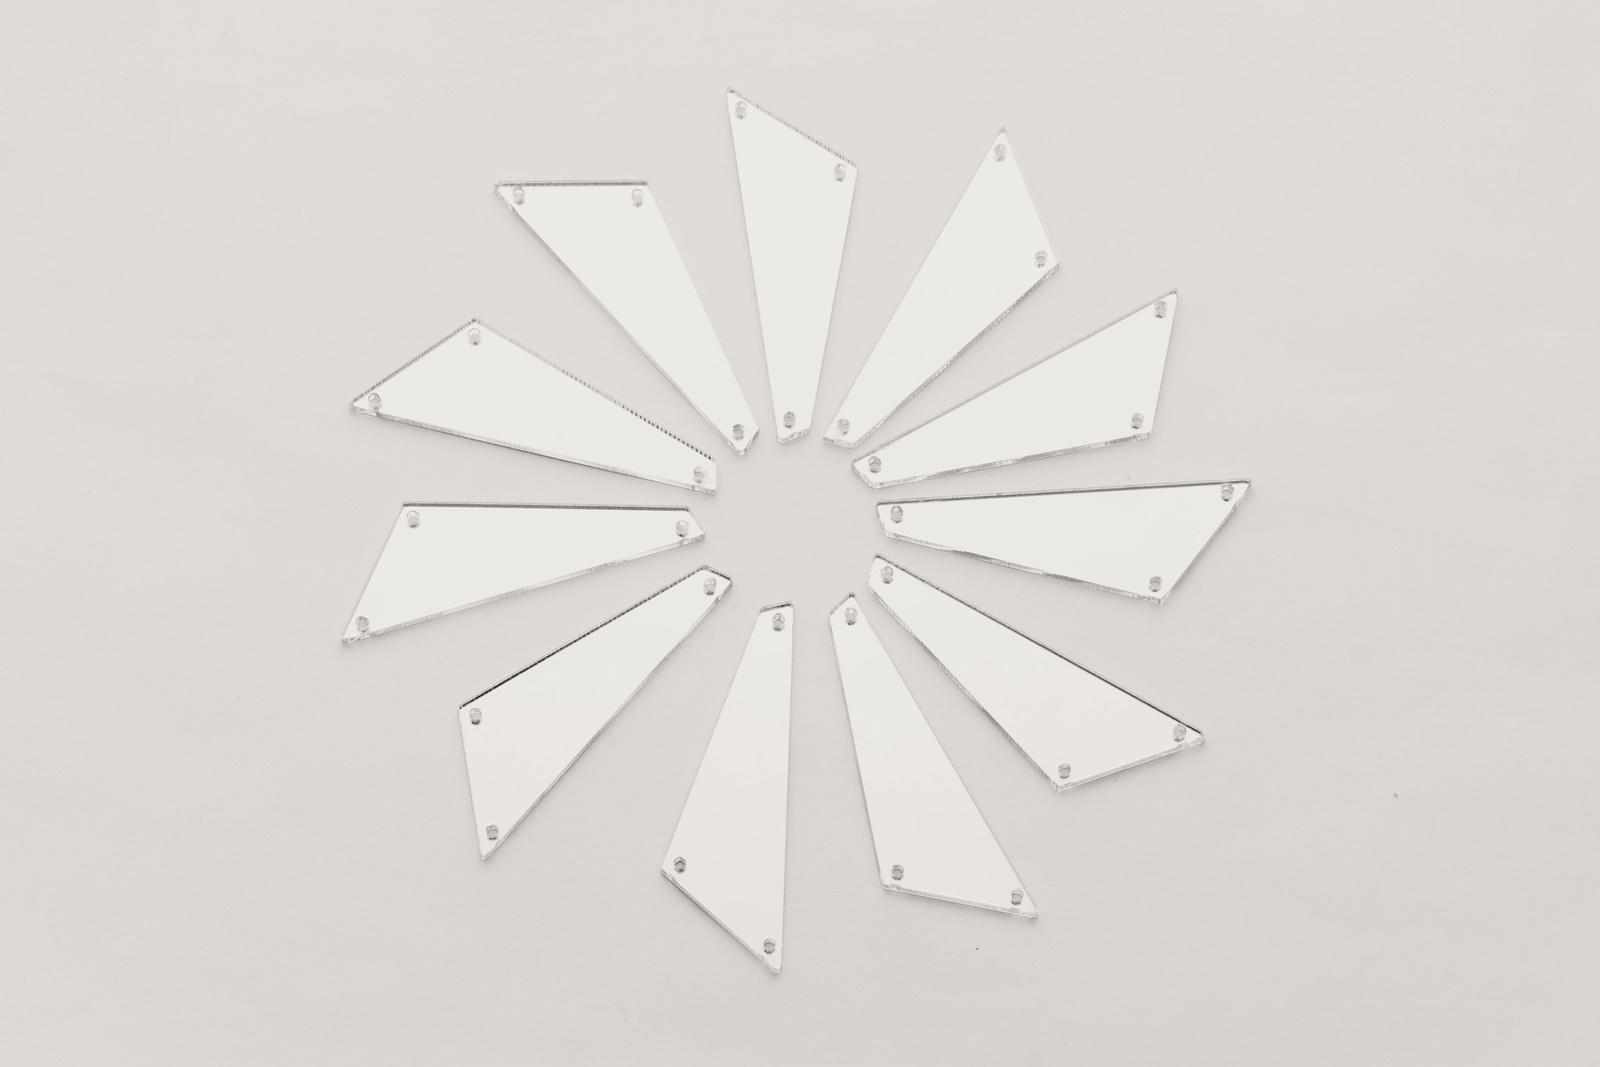 CASP Lase ЧЕТУГ5017 Комплект акриловых пришивных зеркал/страз Четырехугольник 50х17